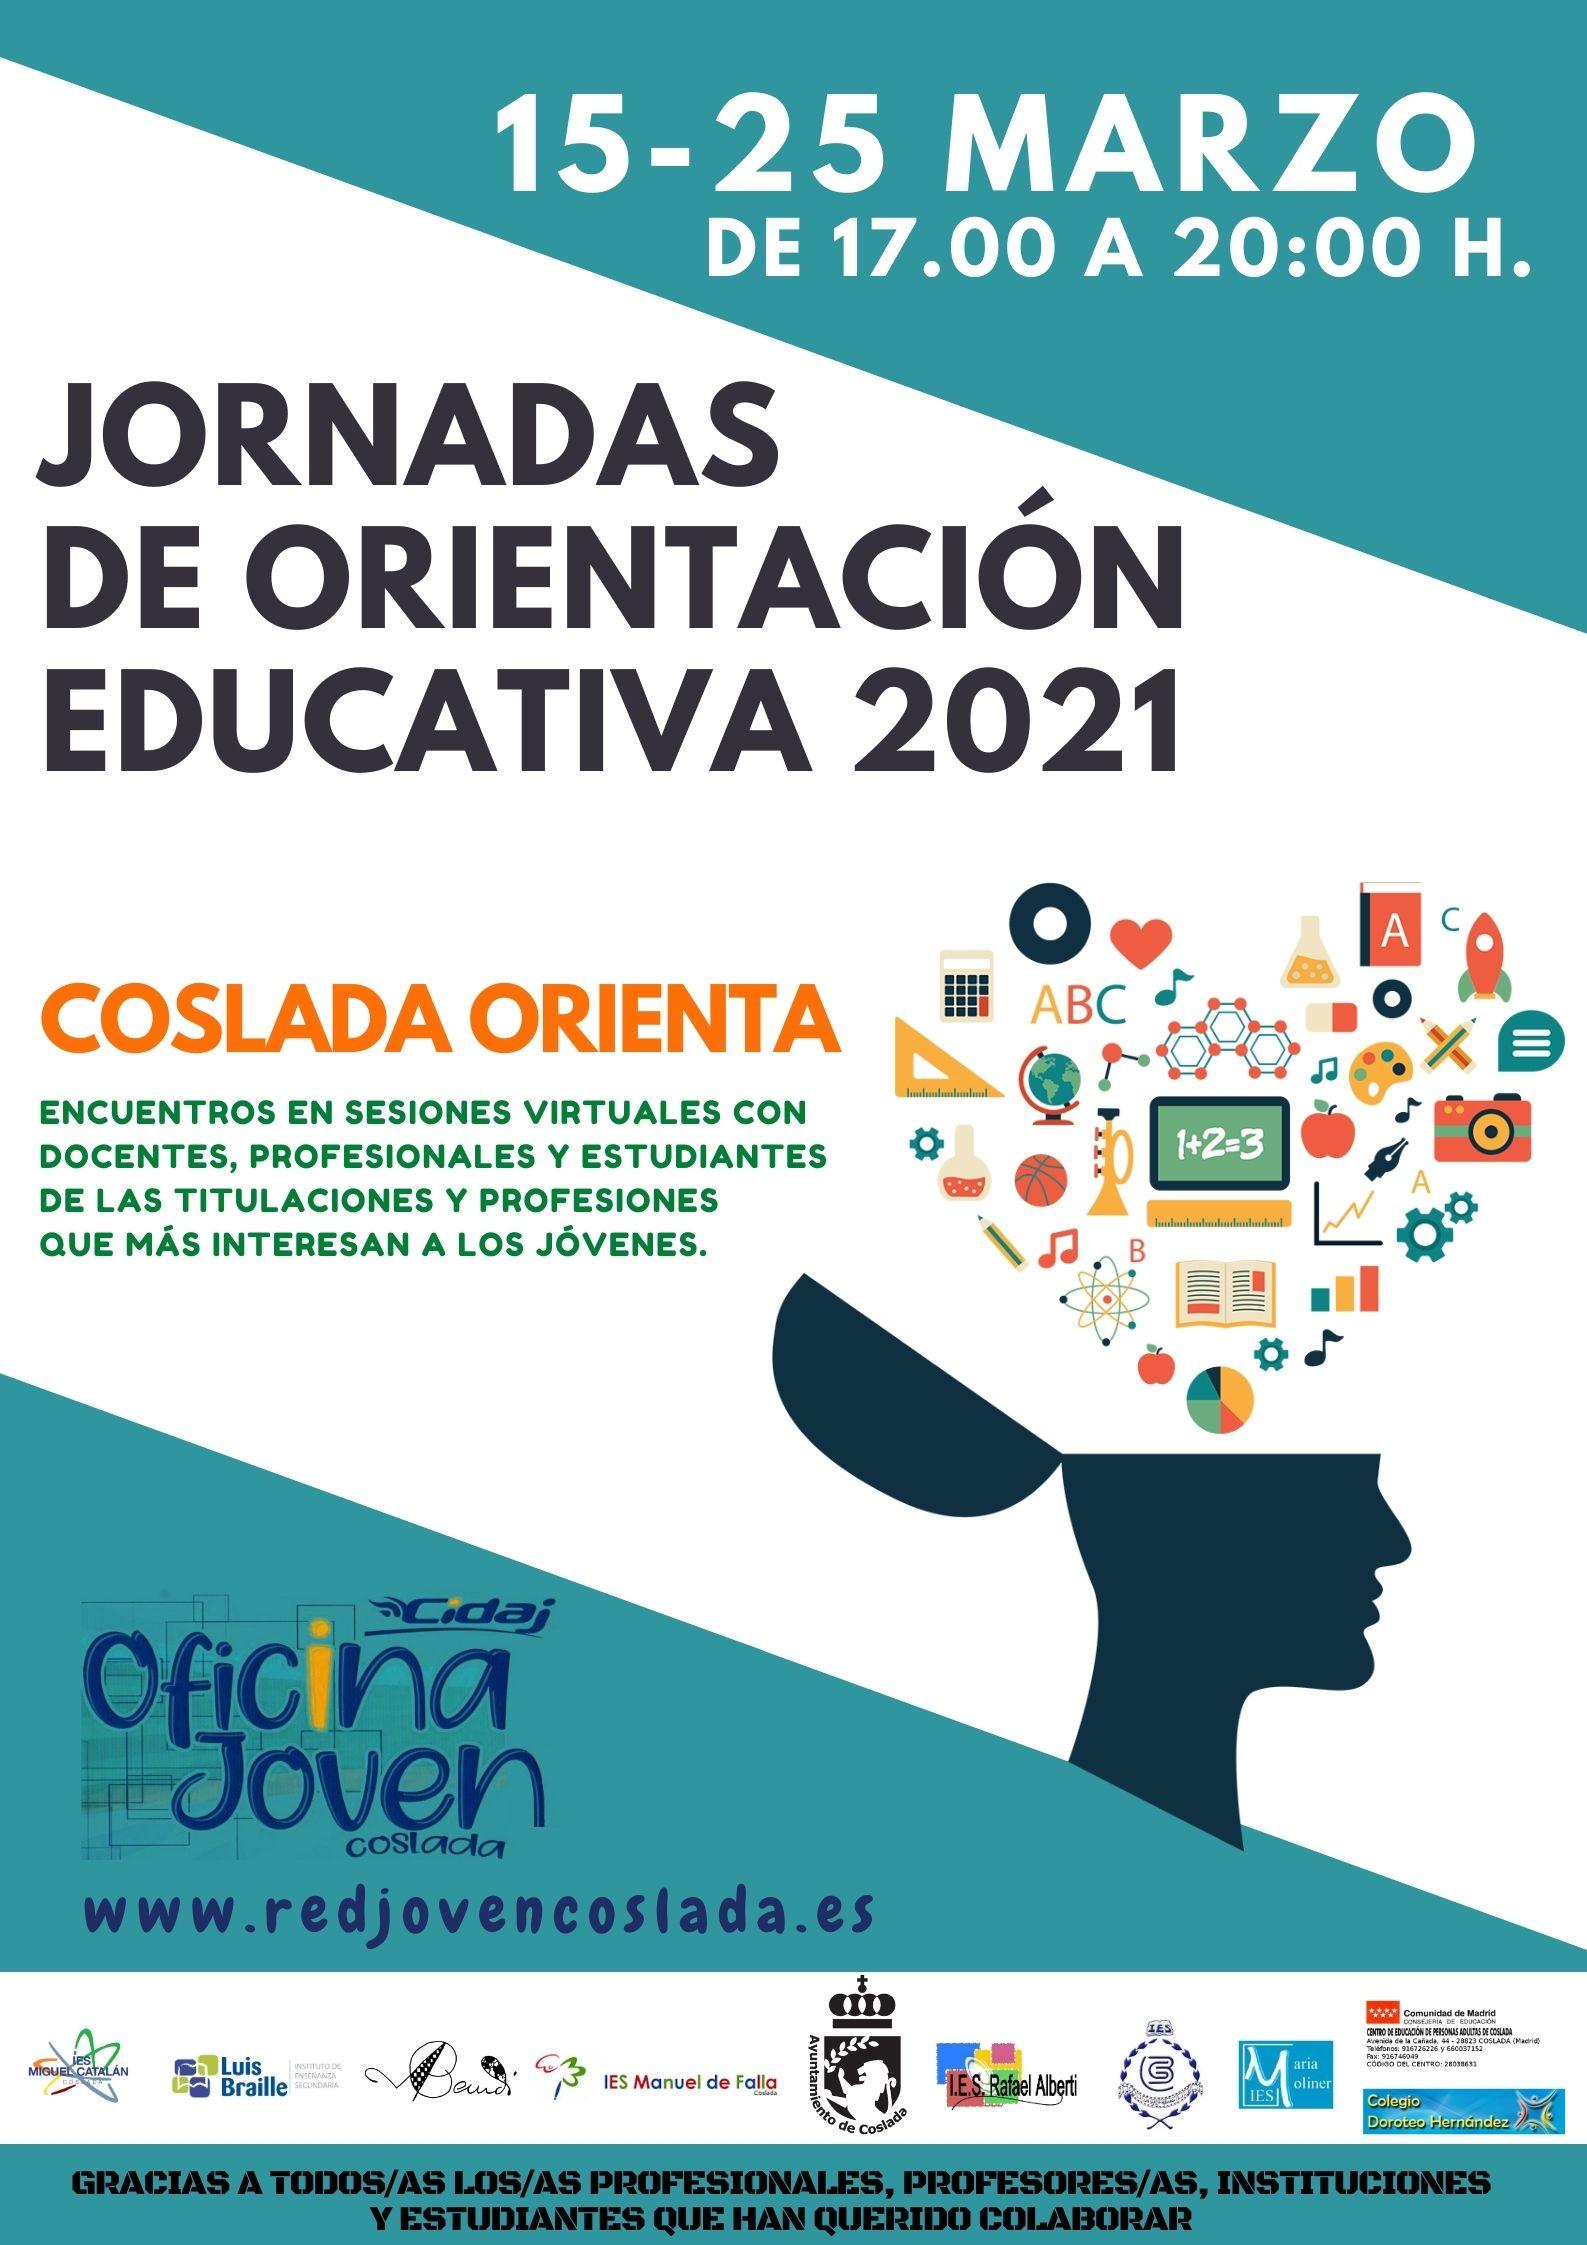 JORNADAS DE ORIENTACIÓN EDUCATIVA 2021